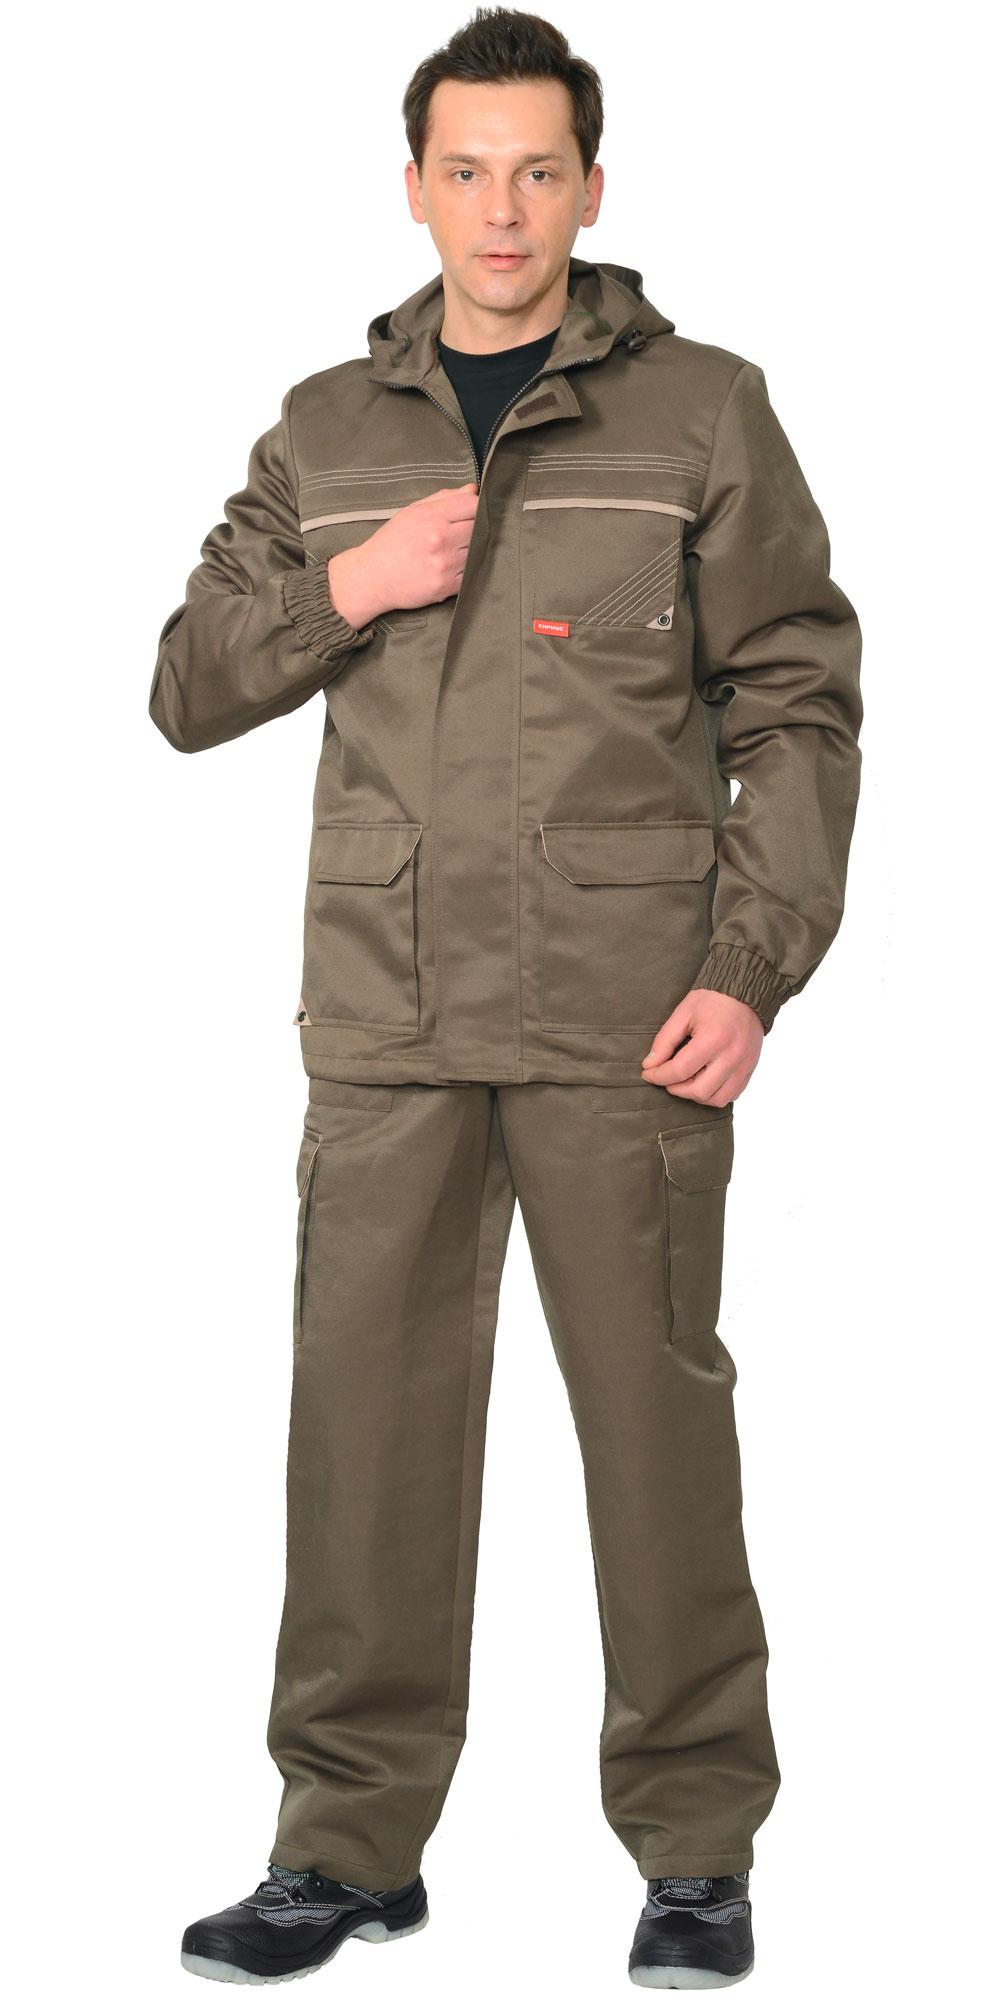 """Костюм """"Геолог"""" летний куртка, брюки тк. CROWN-230"""